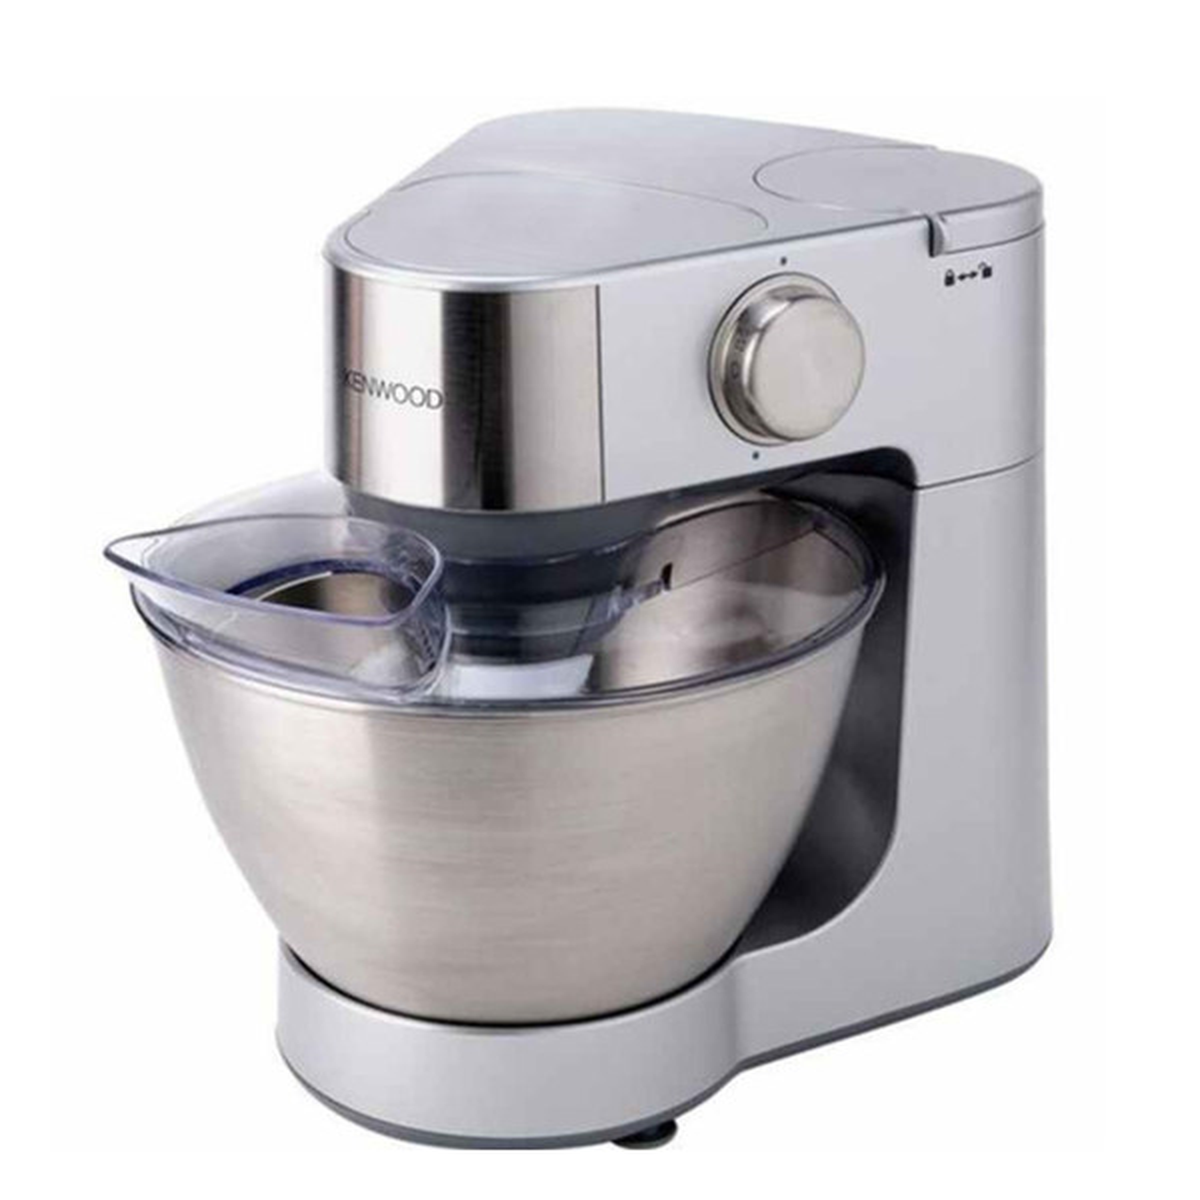 ماشین آشپزخانه کنوود مدل KM240